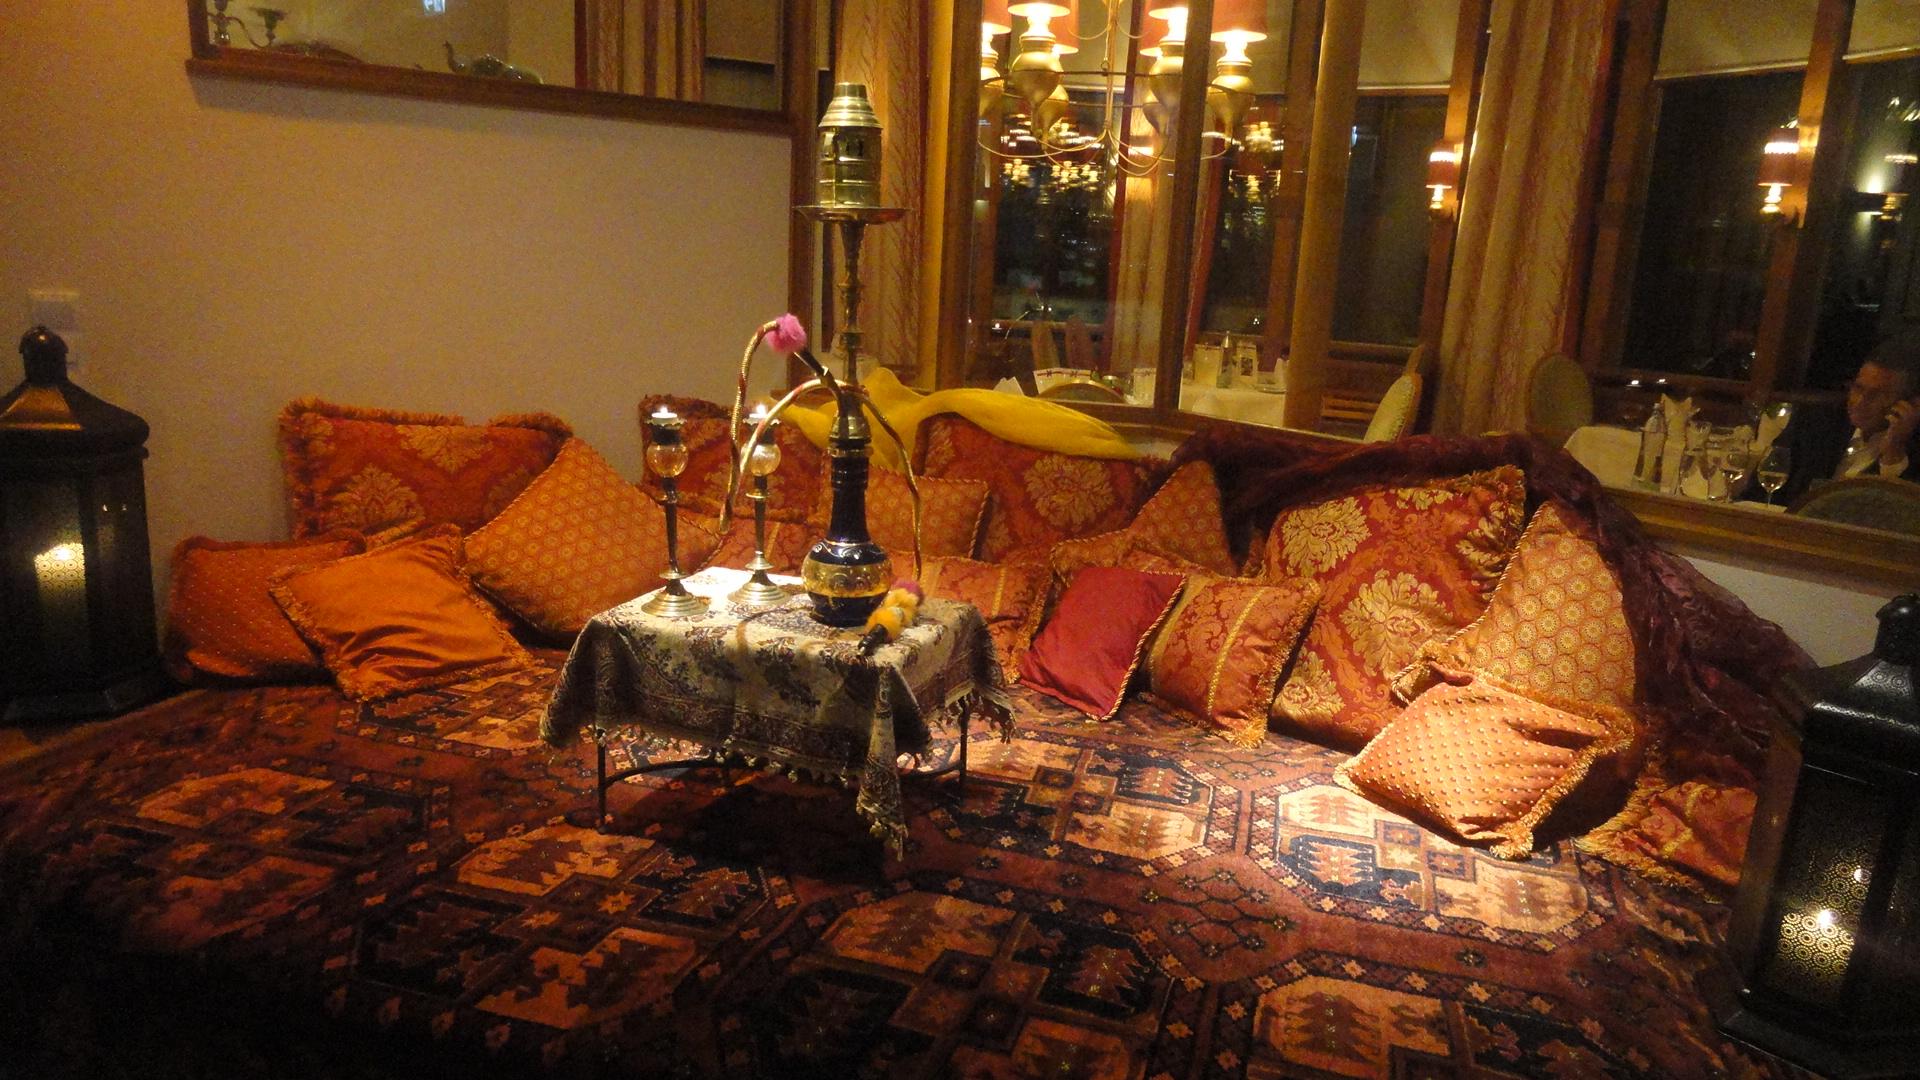 zauber des orients beim fest von 1001 nacht wohlf hlen. Black Bedroom Furniture Sets. Home Design Ideas